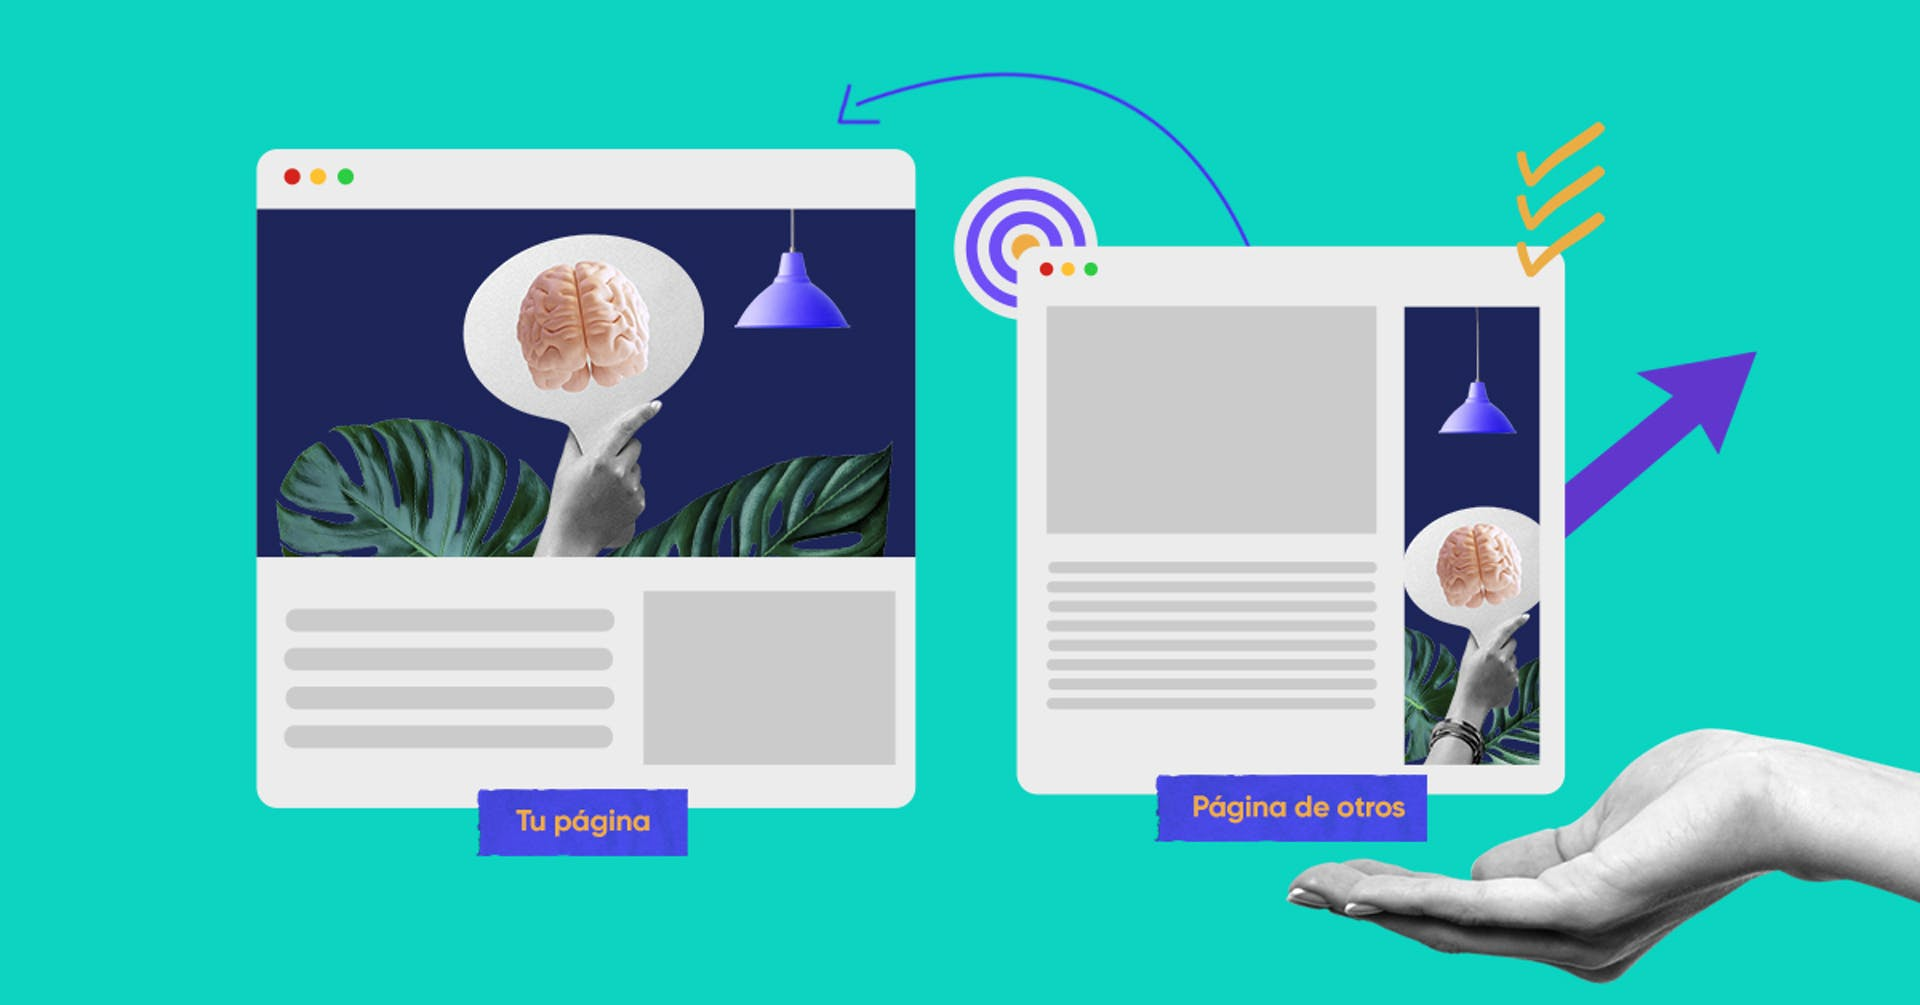 ¿Qué es retargeting? ¡Llega a más clientes con anuncios personalizados!